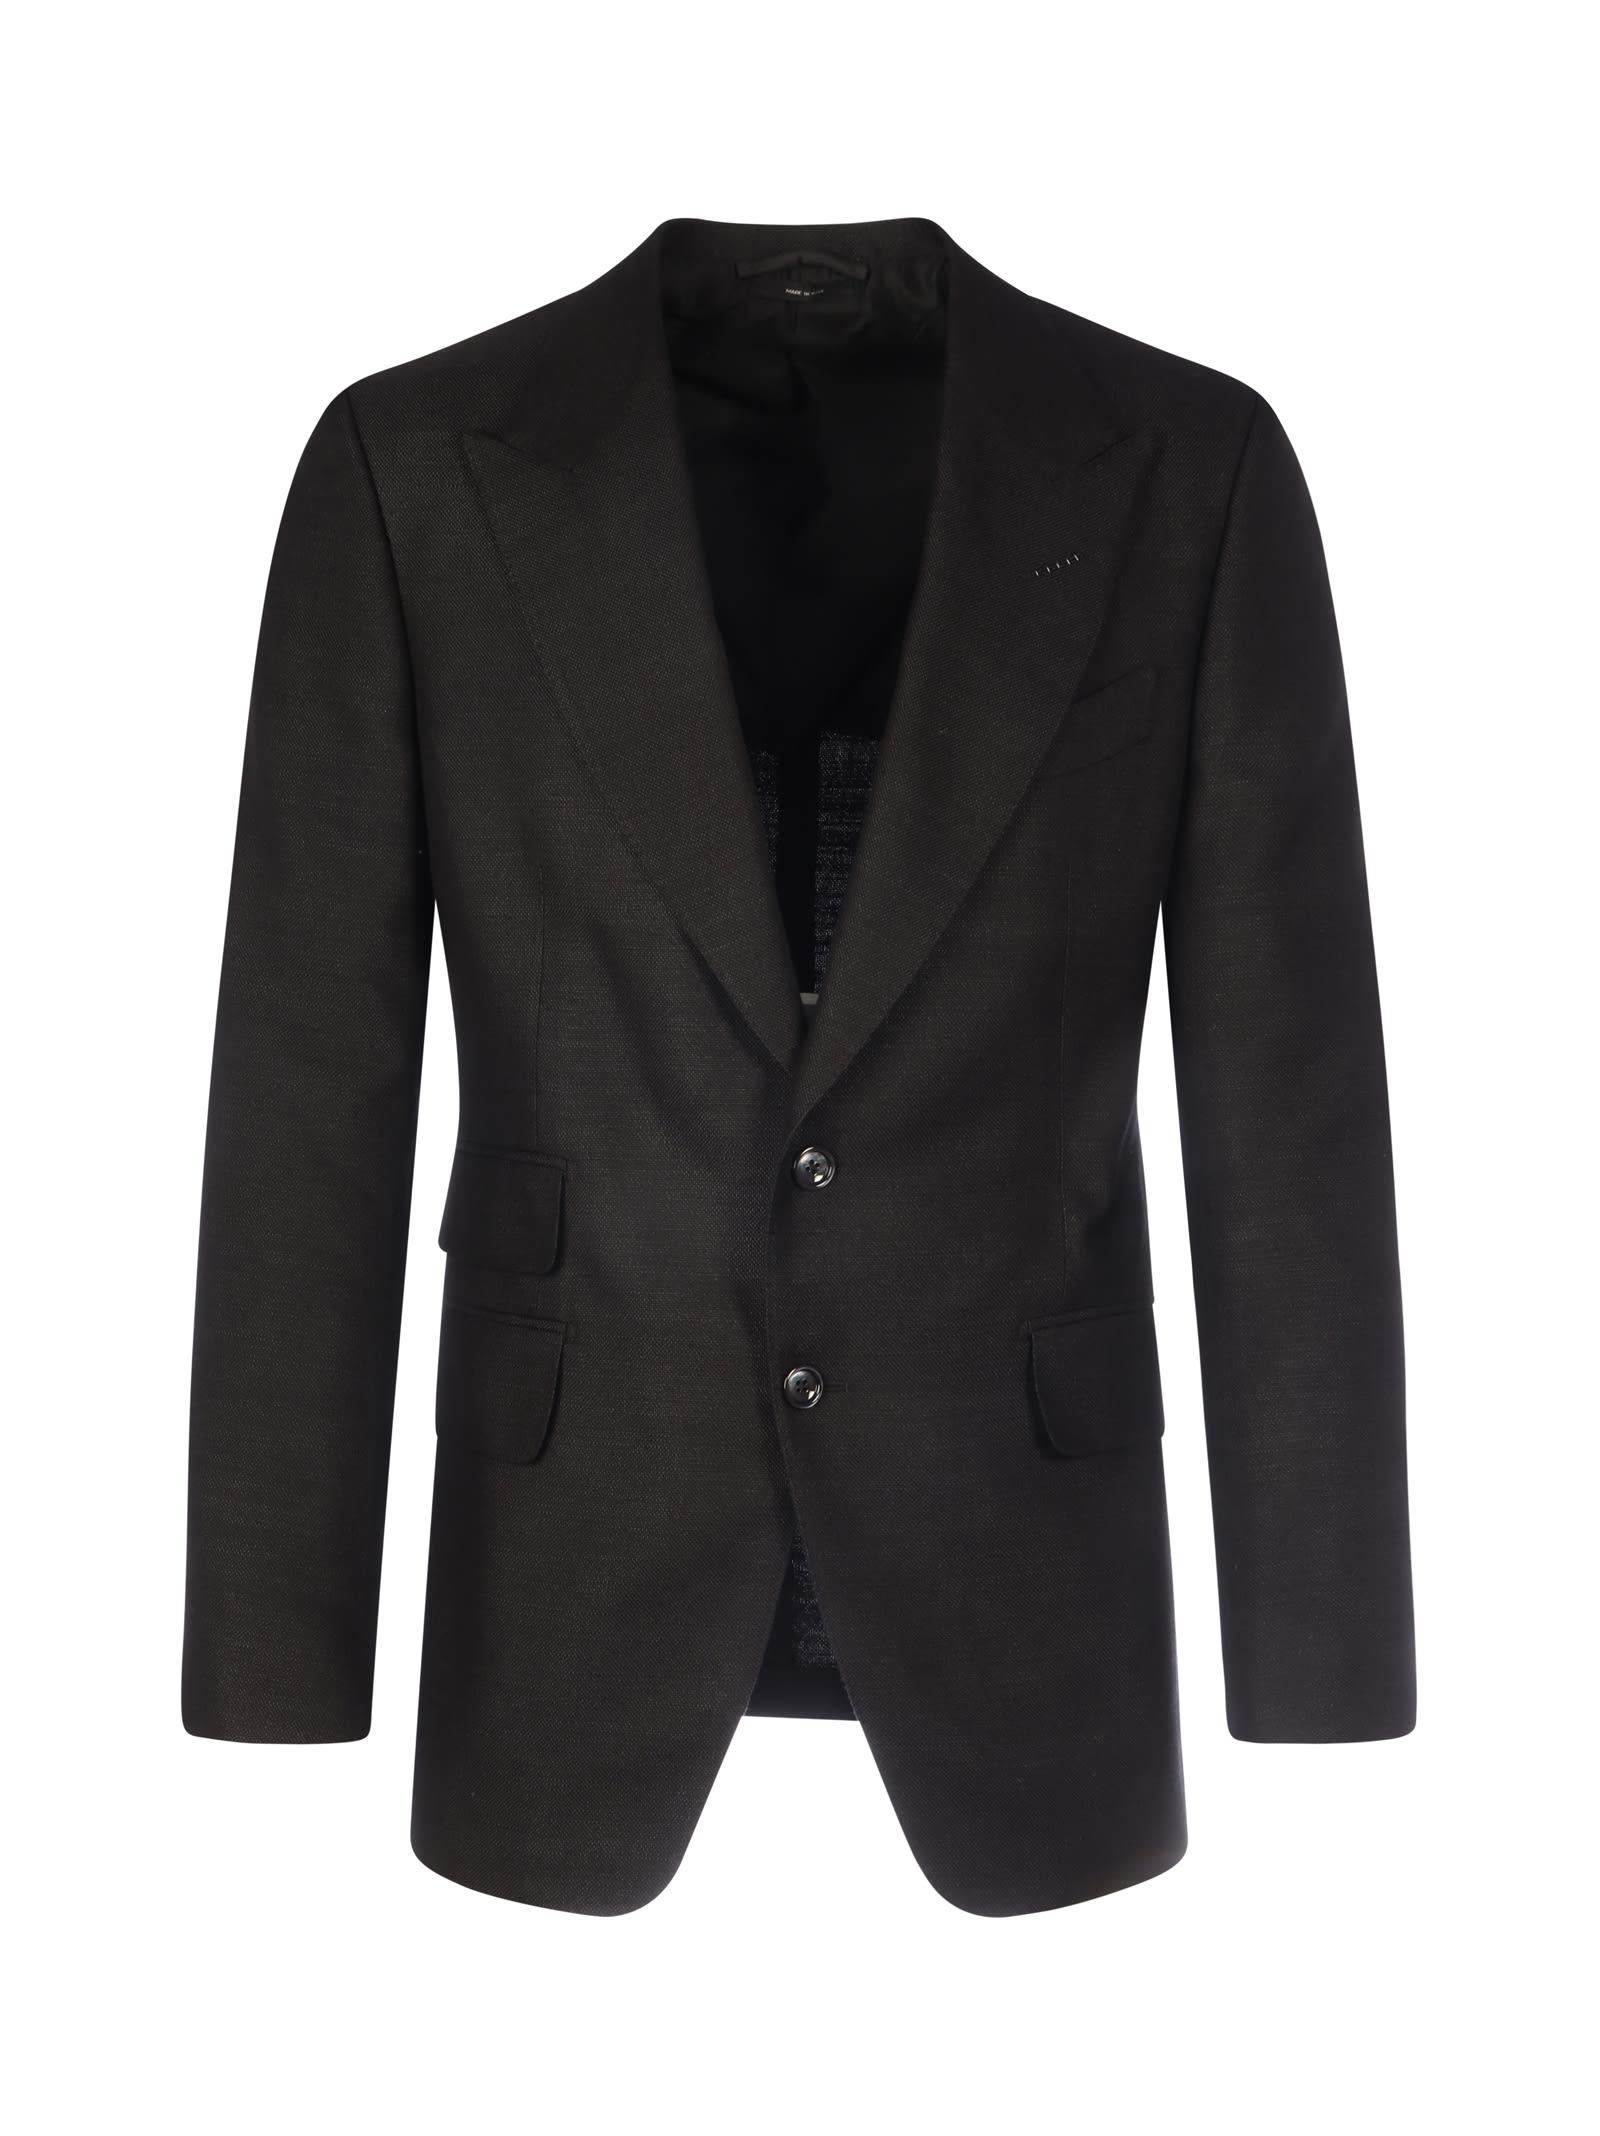 Tom Ford Shelton Jacket